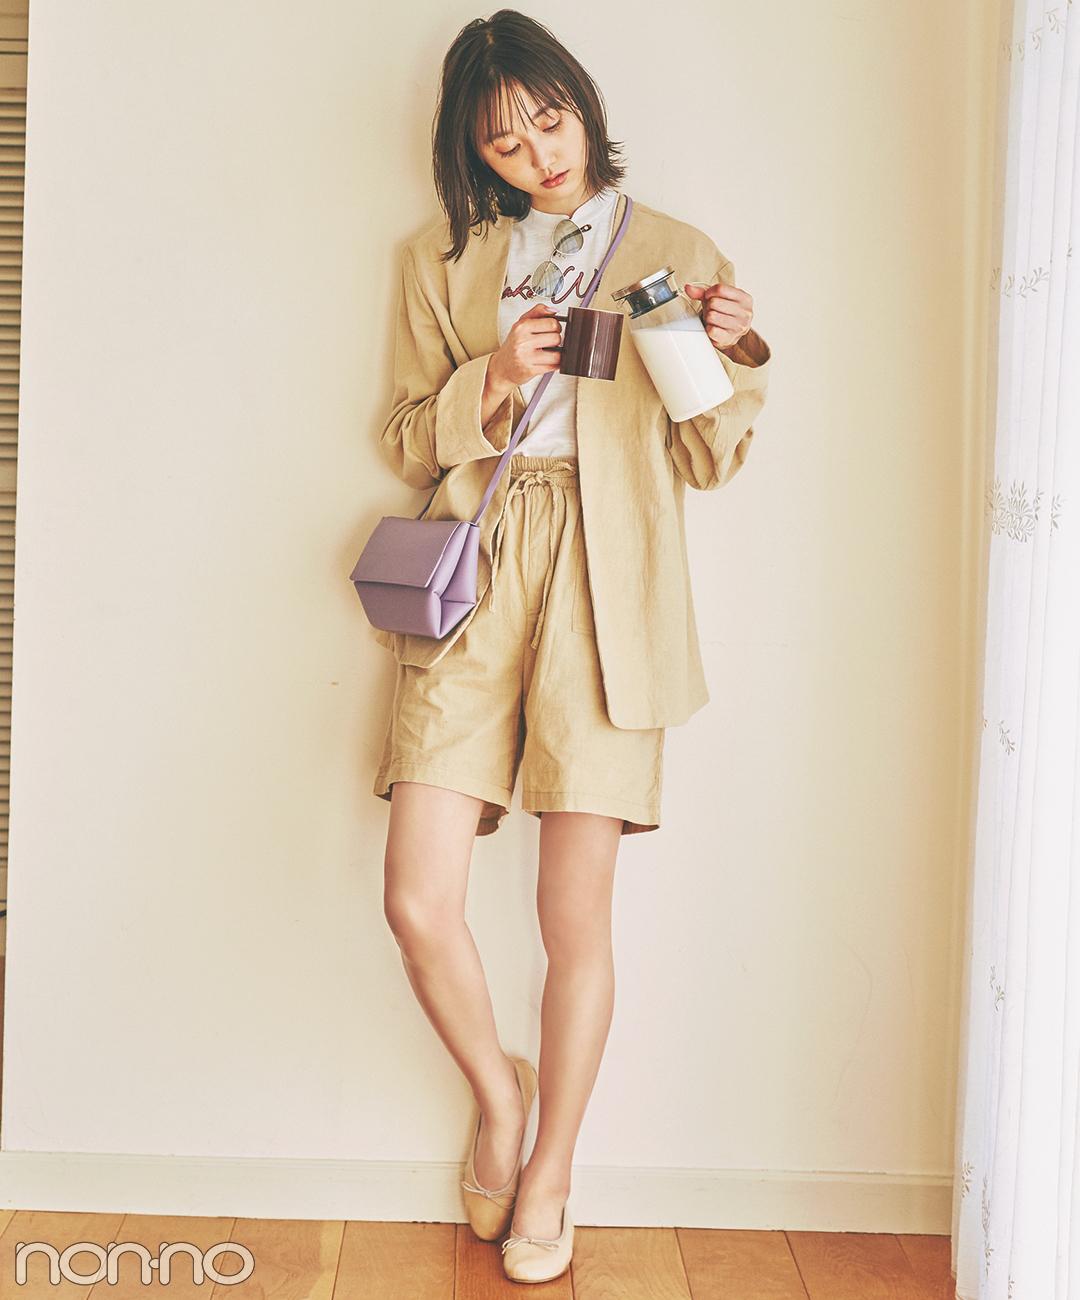 【春→夏ショートパンツコーデ】コーデュロイの素材感でこなれ見え♡